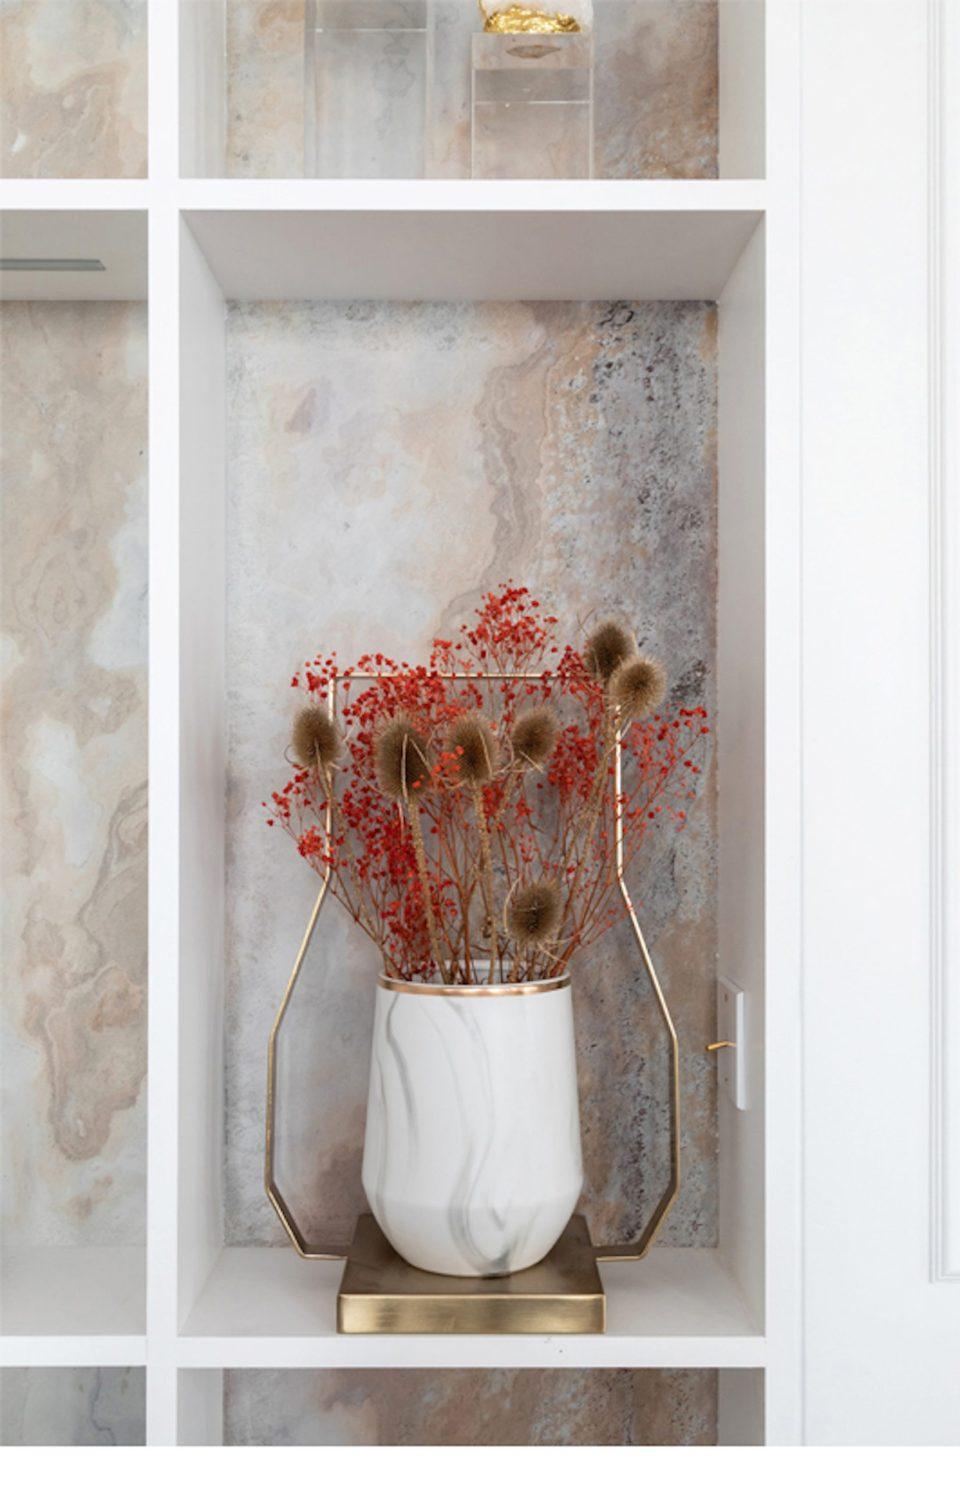 Feuille de pierre 100% naturelle StoneLeaf modèle Stockholm sur mur